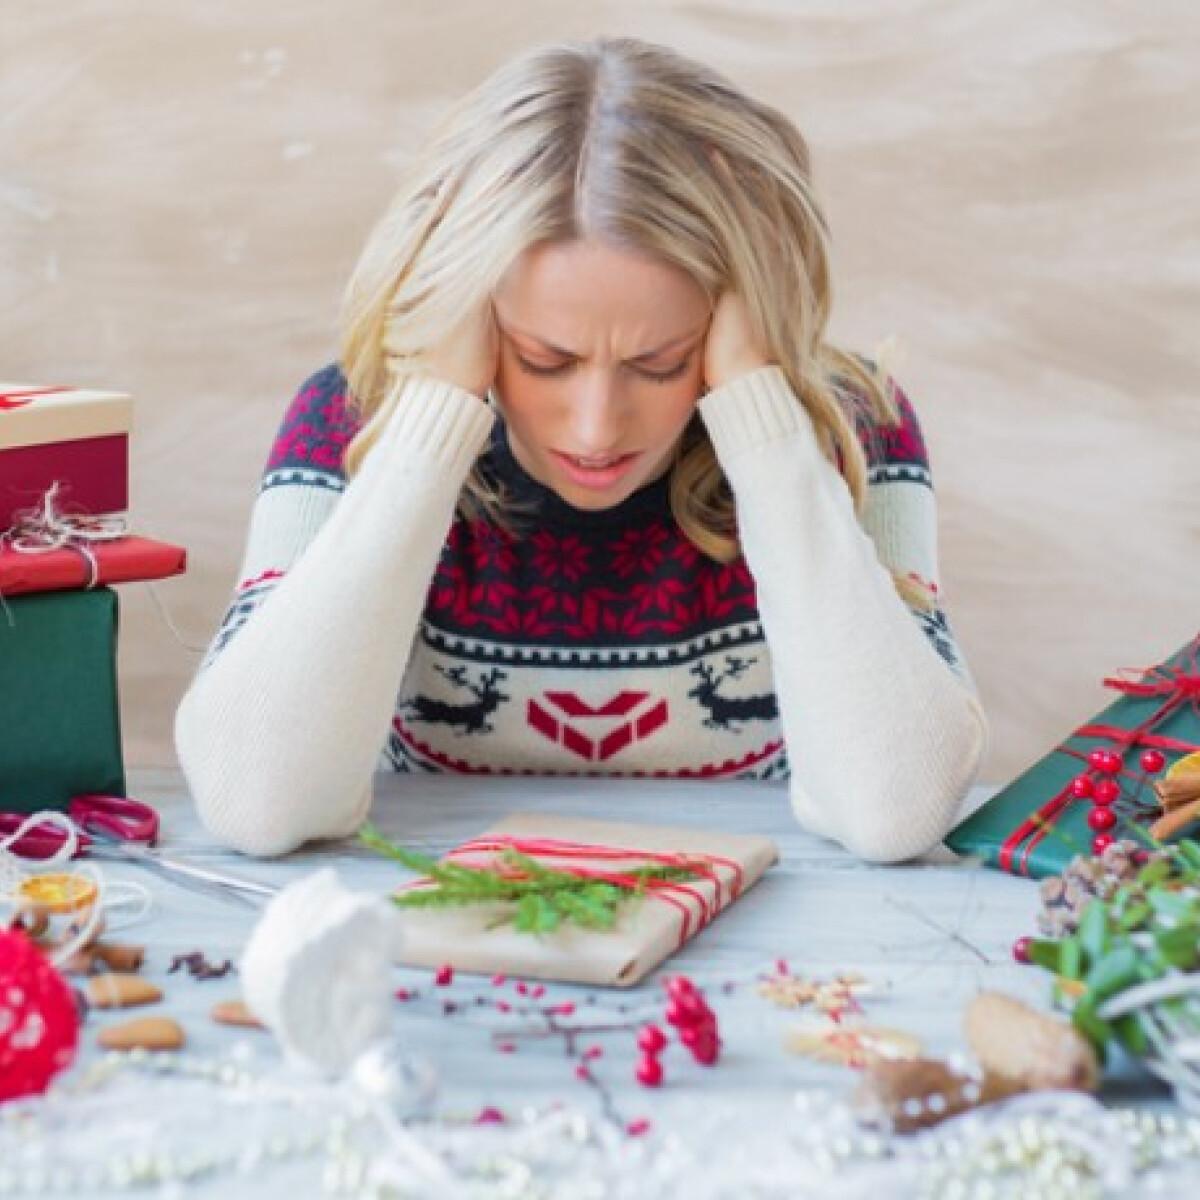 Így lesz stresszmentes a karácsonyi vásárlás – 5+1 tipp, hogy idén ne tépd ki az összes hajad